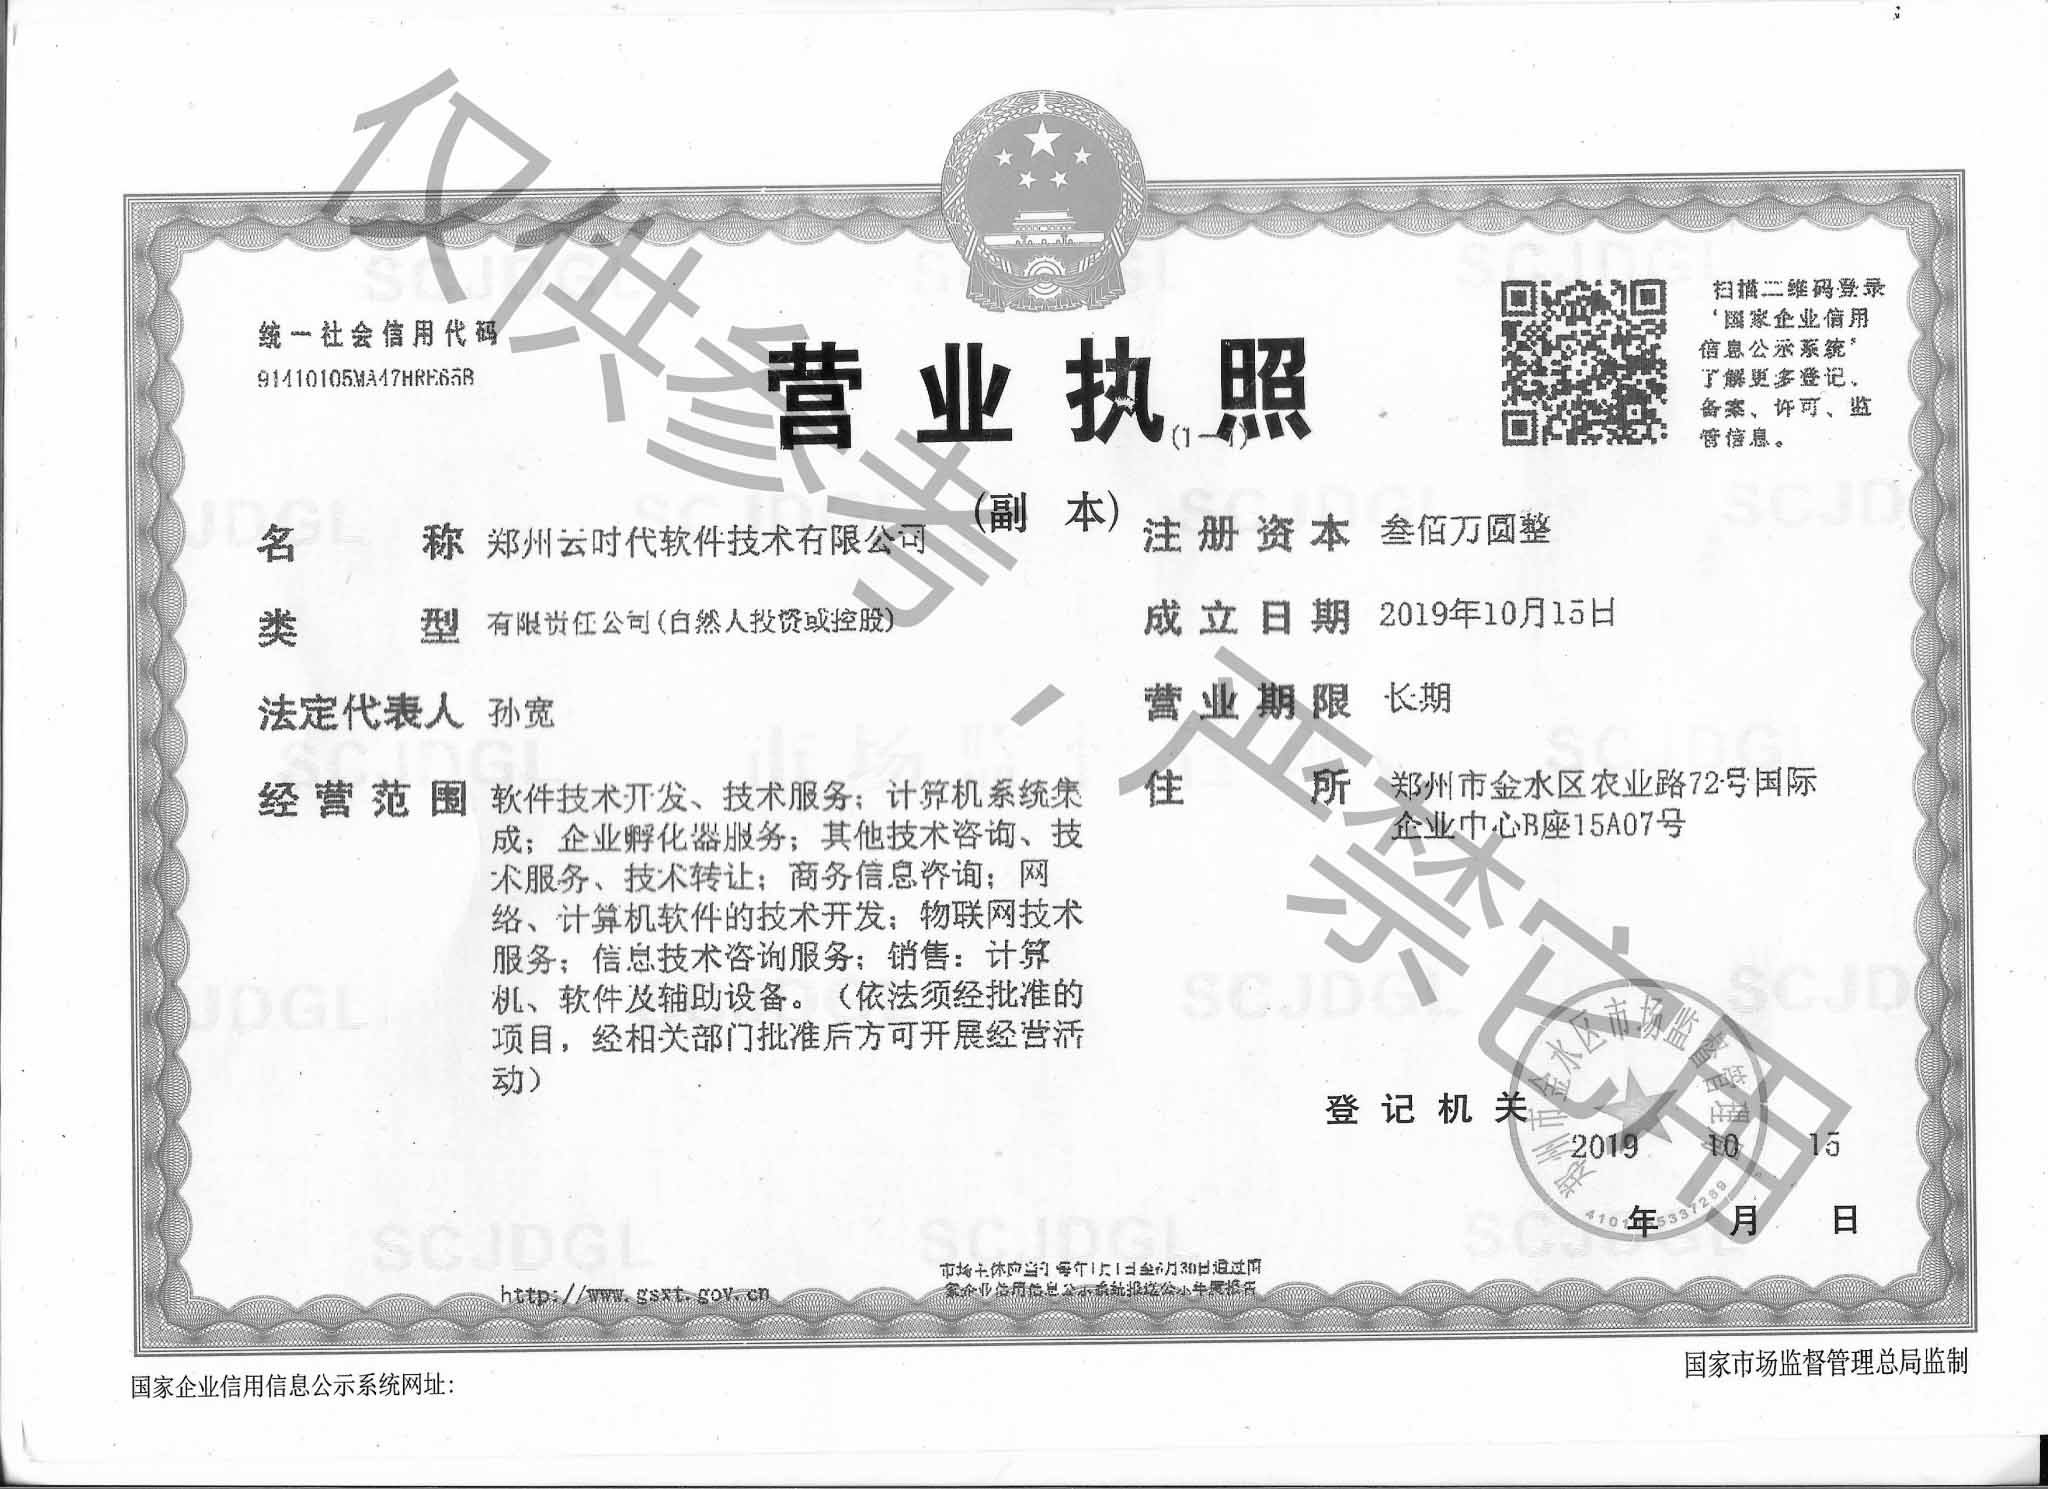 公司营业执照 (2)